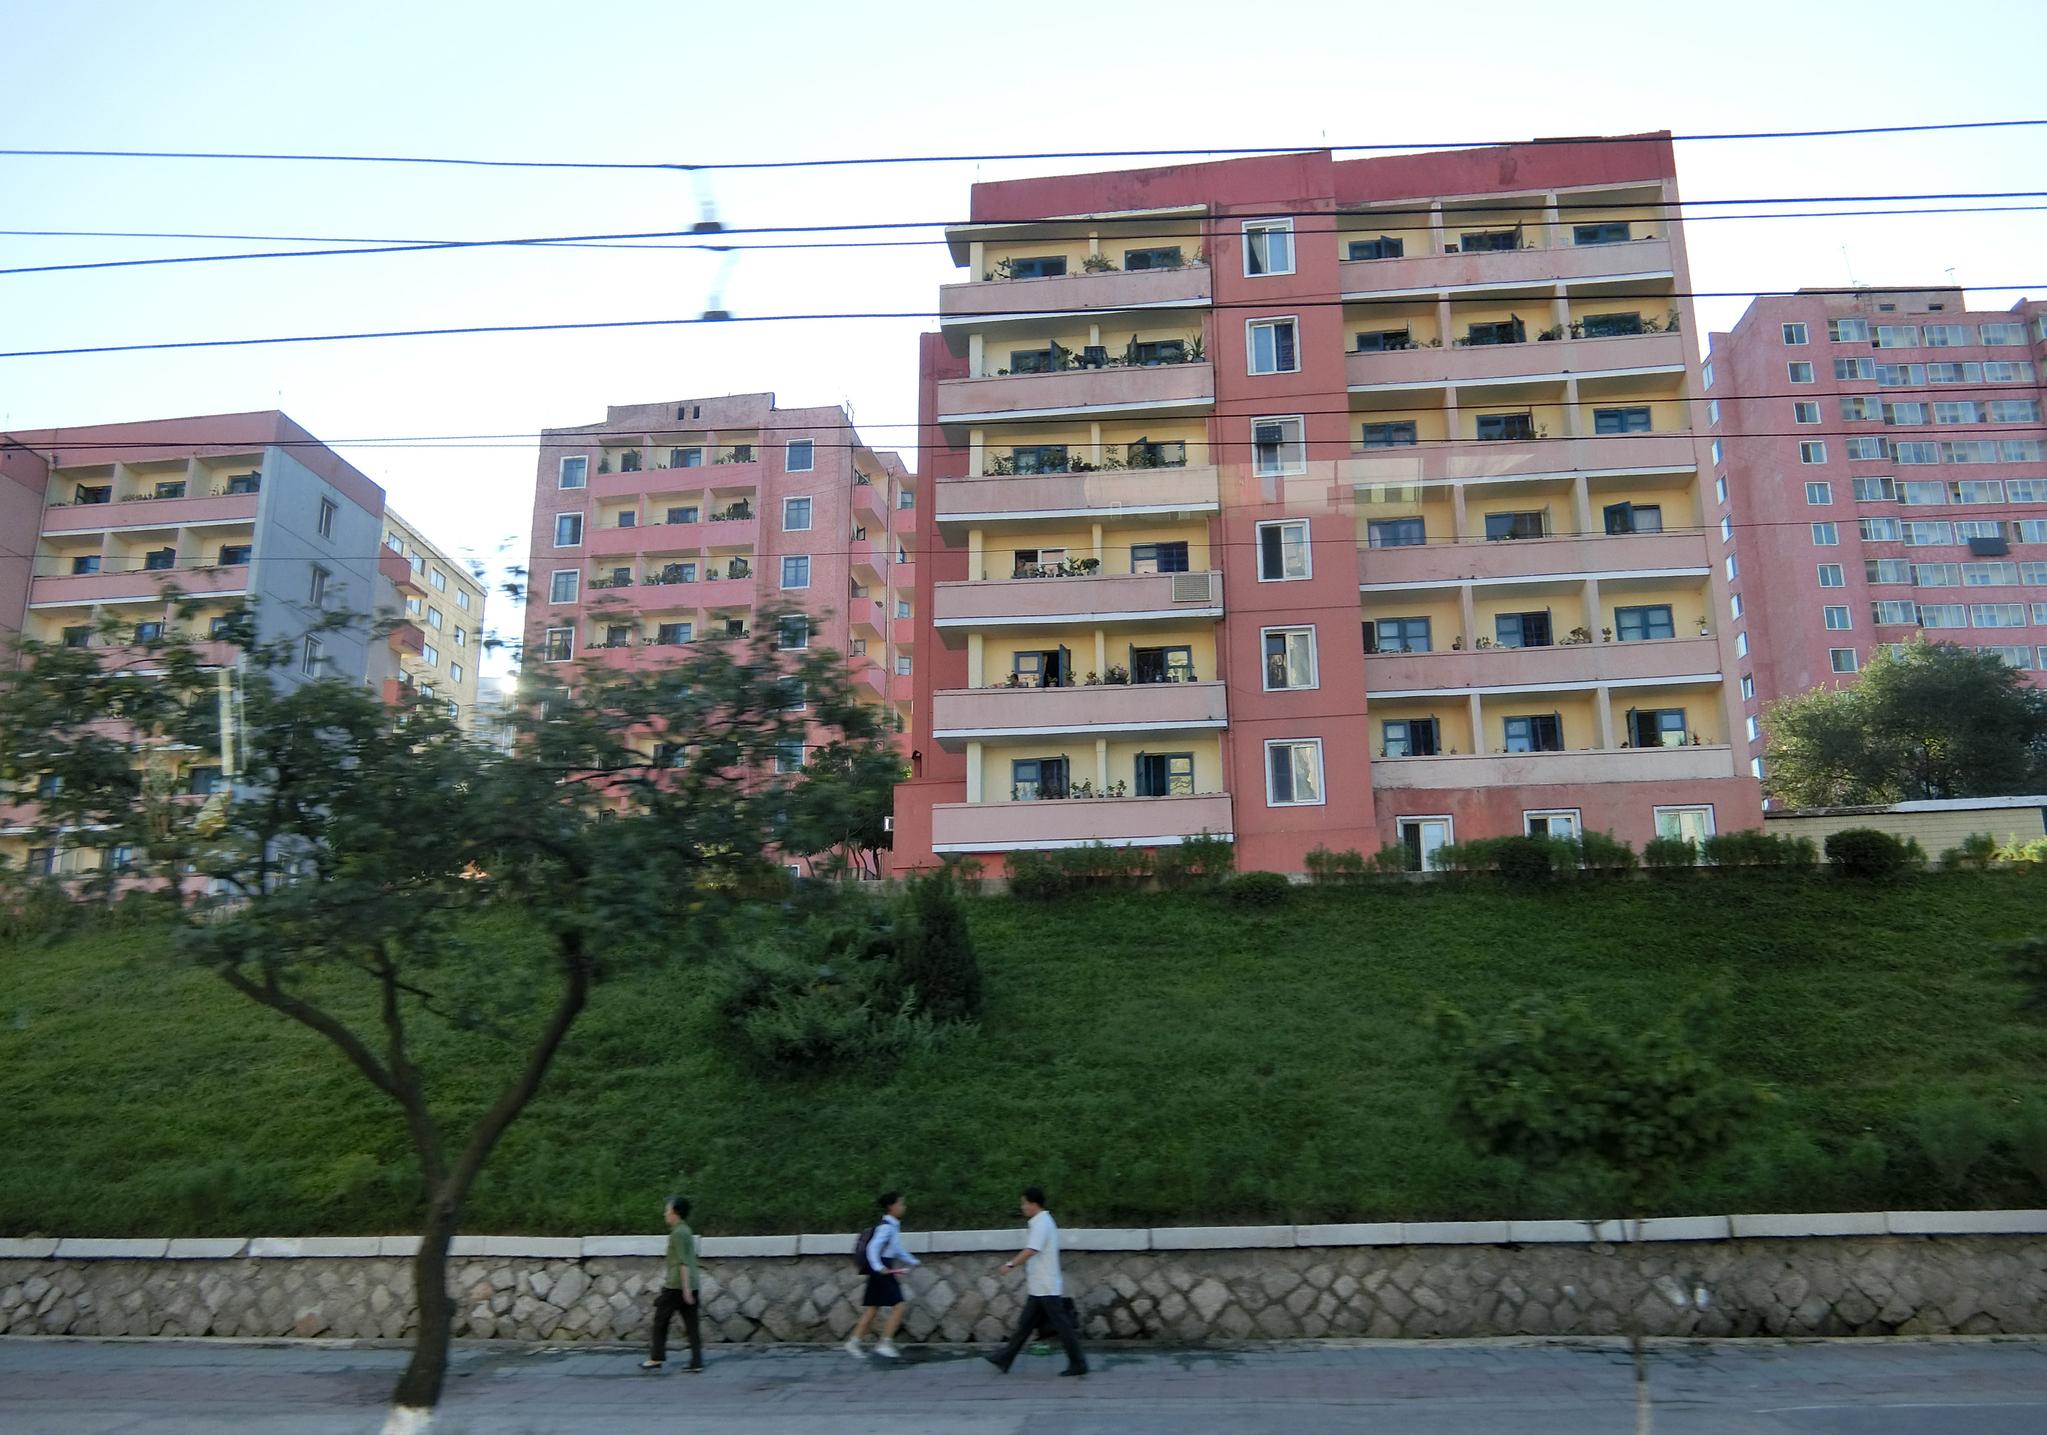 오래된 아파트들은 형형색색의 페인트로 외벽을 도색했다. 평양=이정민 기자